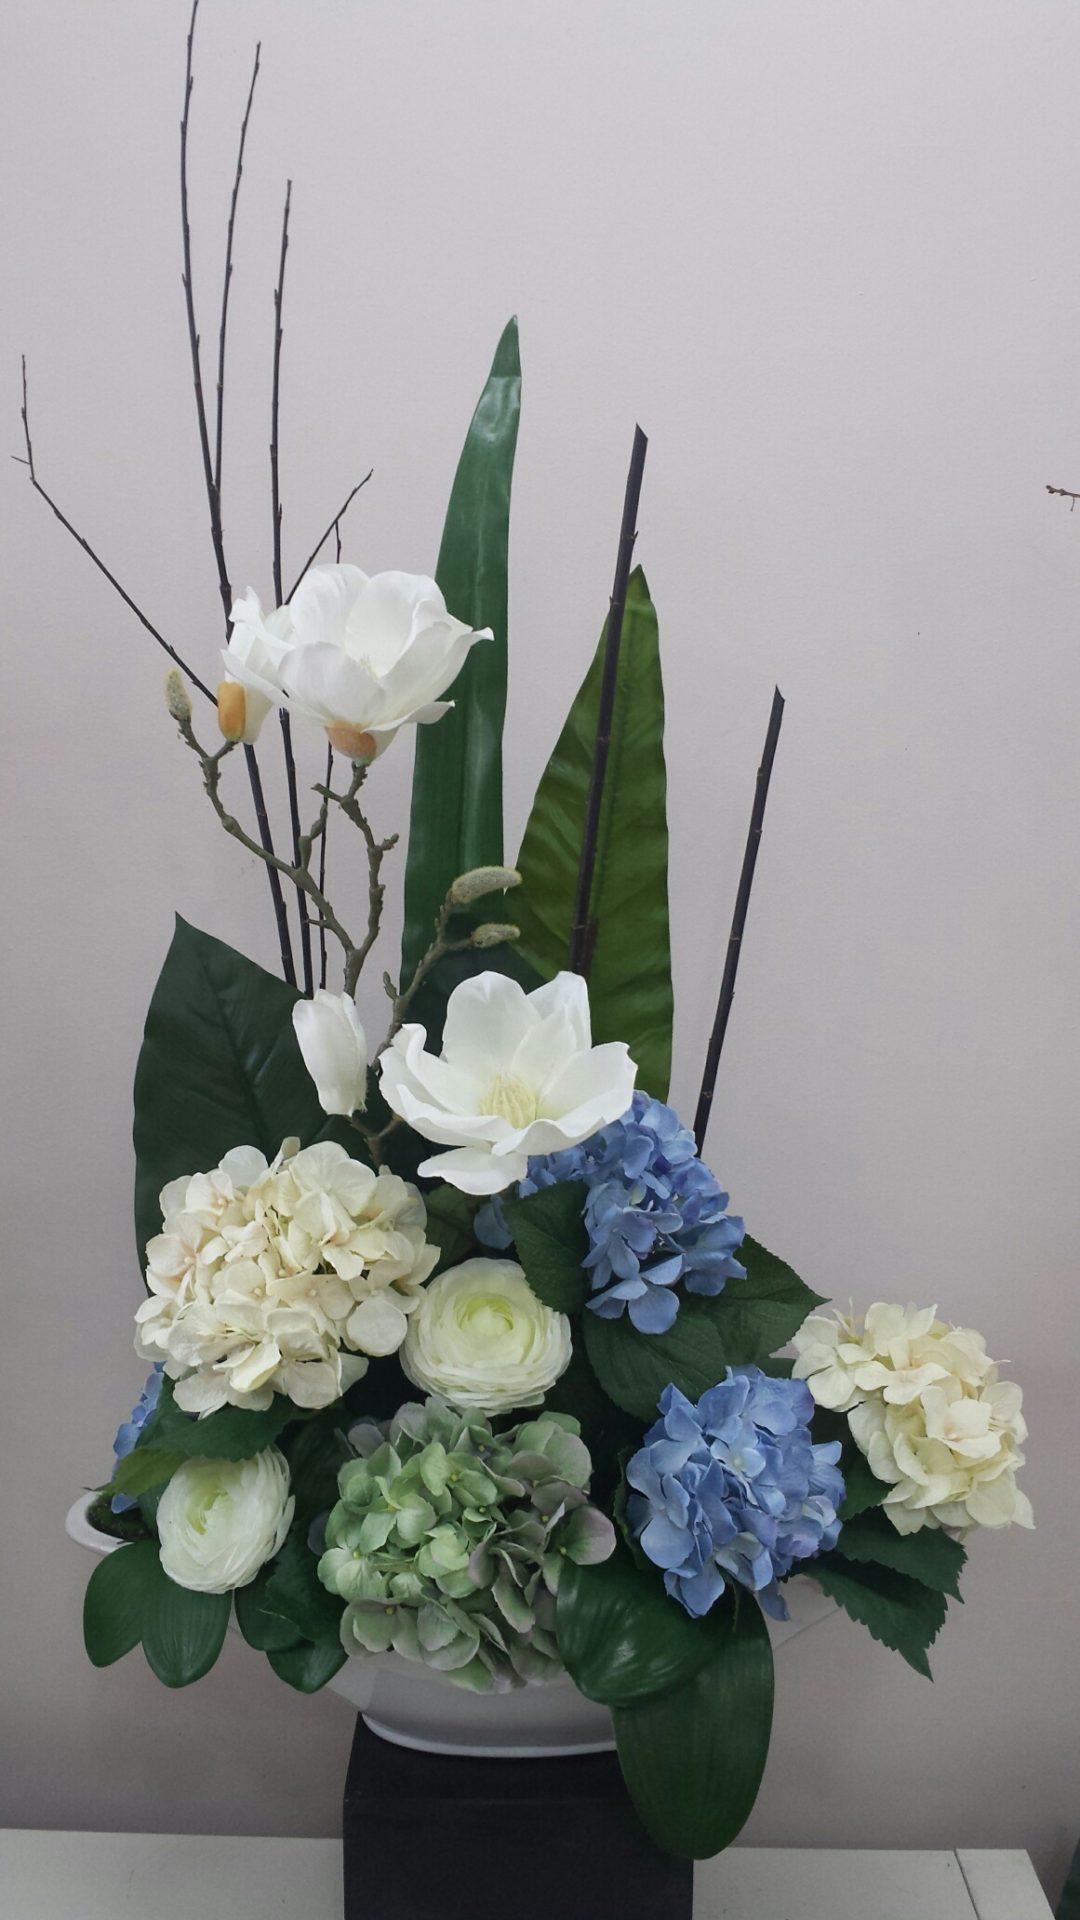 White Magnolia and Hydrangea